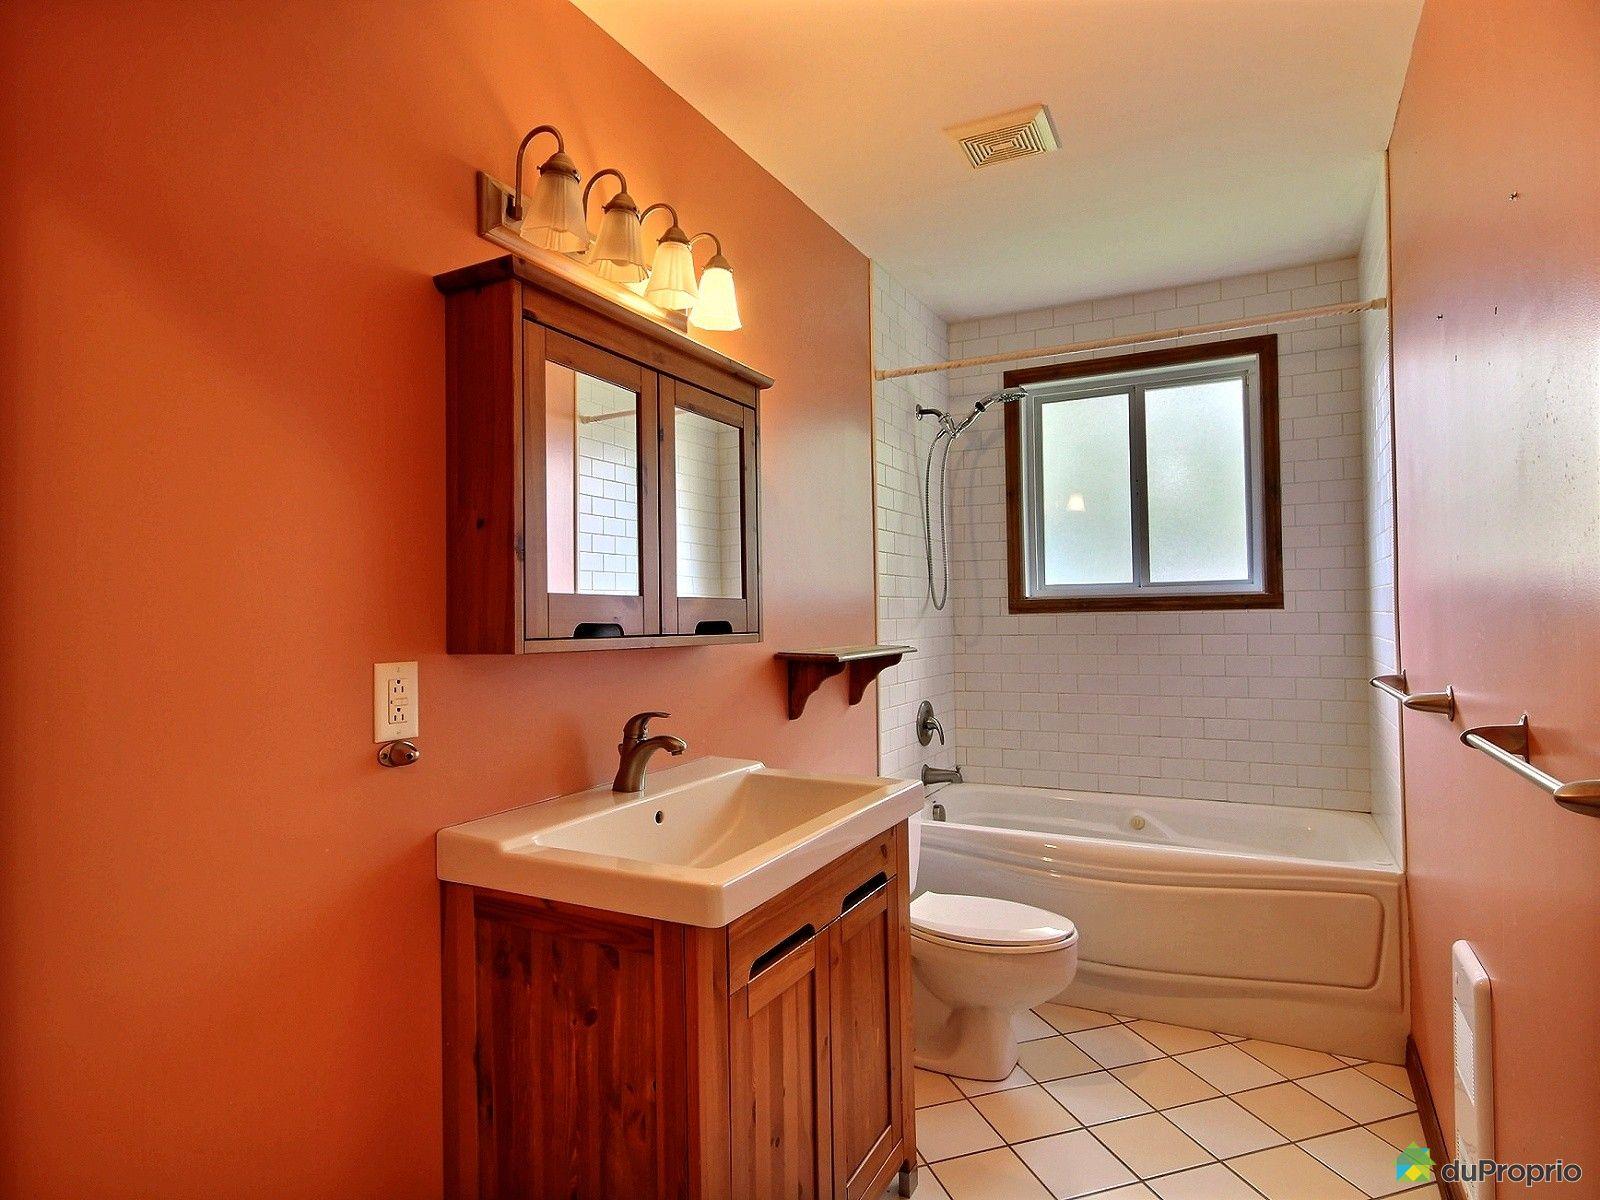 Maison vendre st j r me 1730 14e rue immobilier for Accessoire salle de bain st jerome